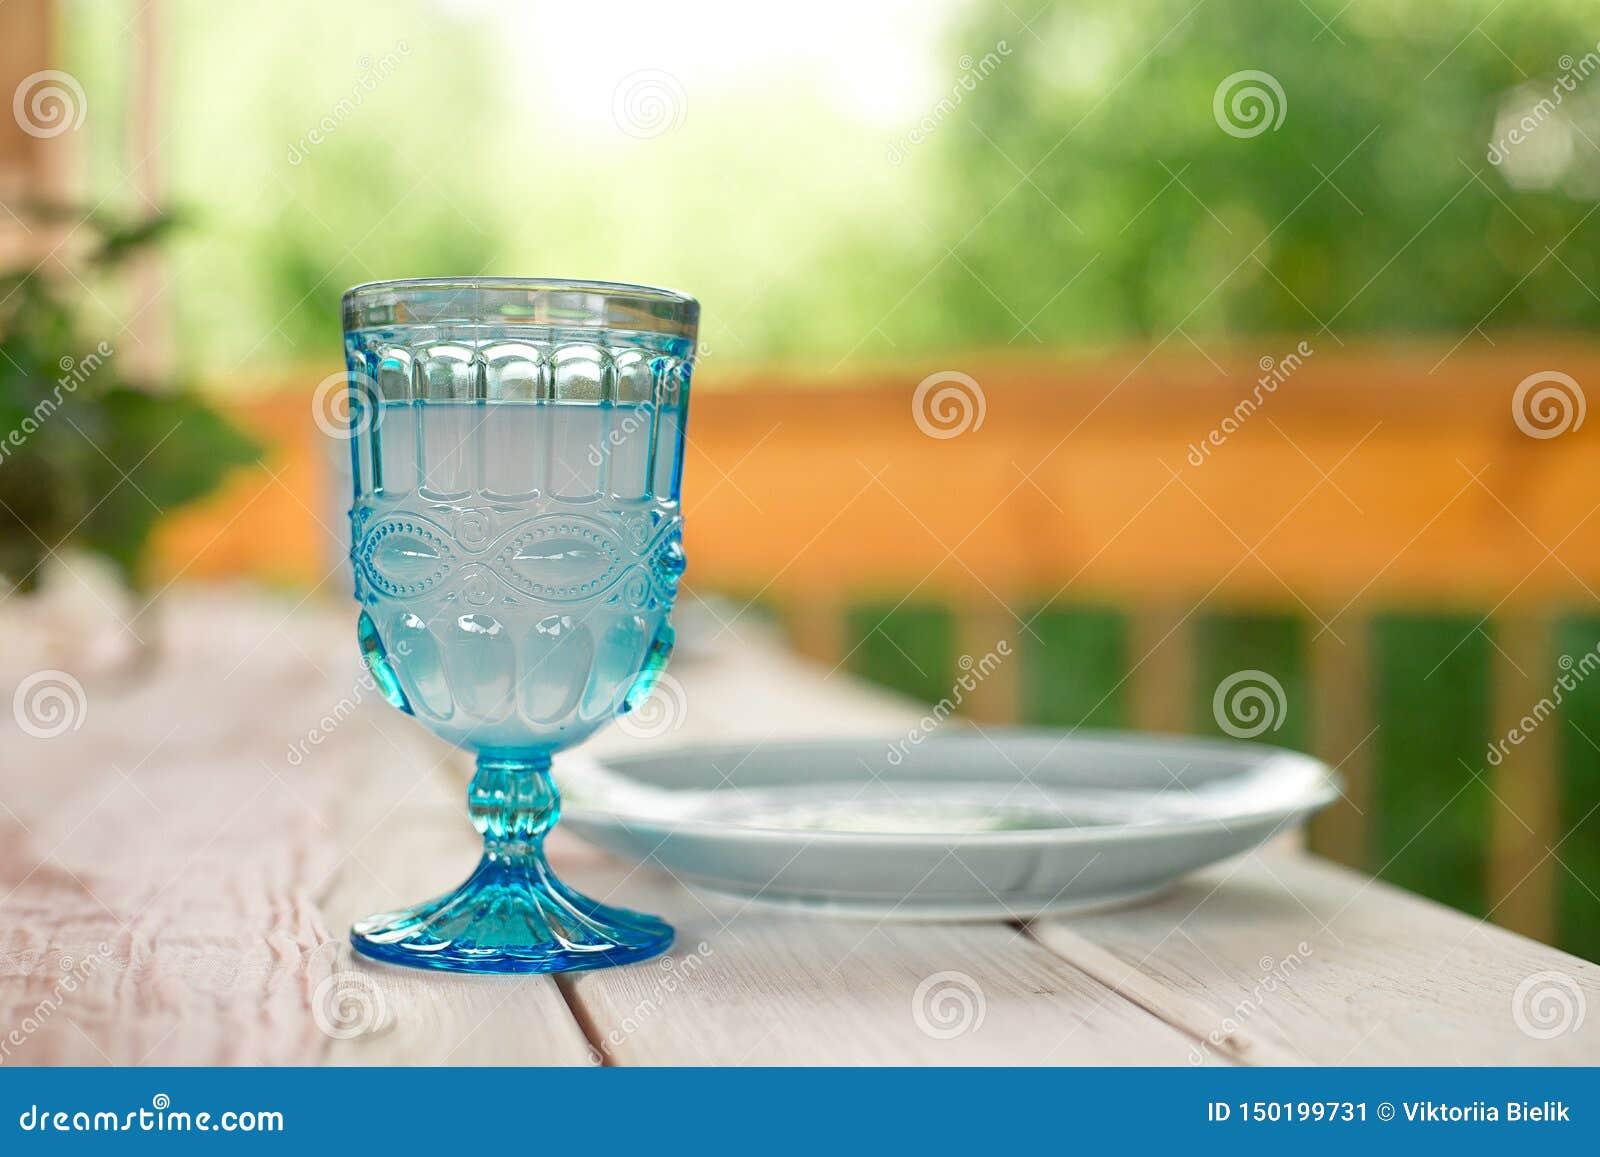 Tabelle für Gäste, verziert mit Kerzen, gedient mit Tischbesteck und Tonware und mit einer blauen Platte der Tischdecke bedeckt u